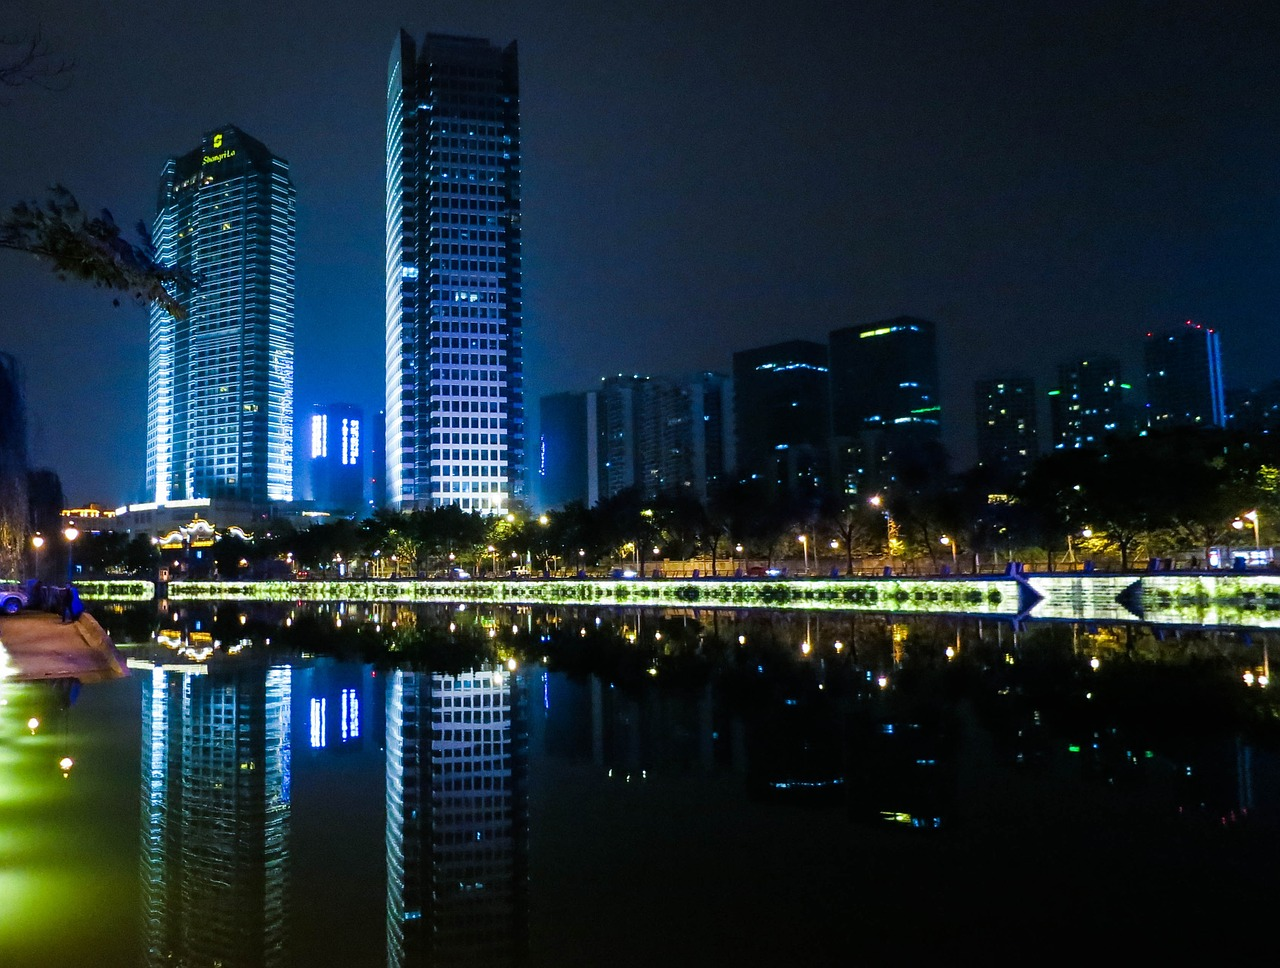 Chengdu, la ville lumière sortie de nulle part